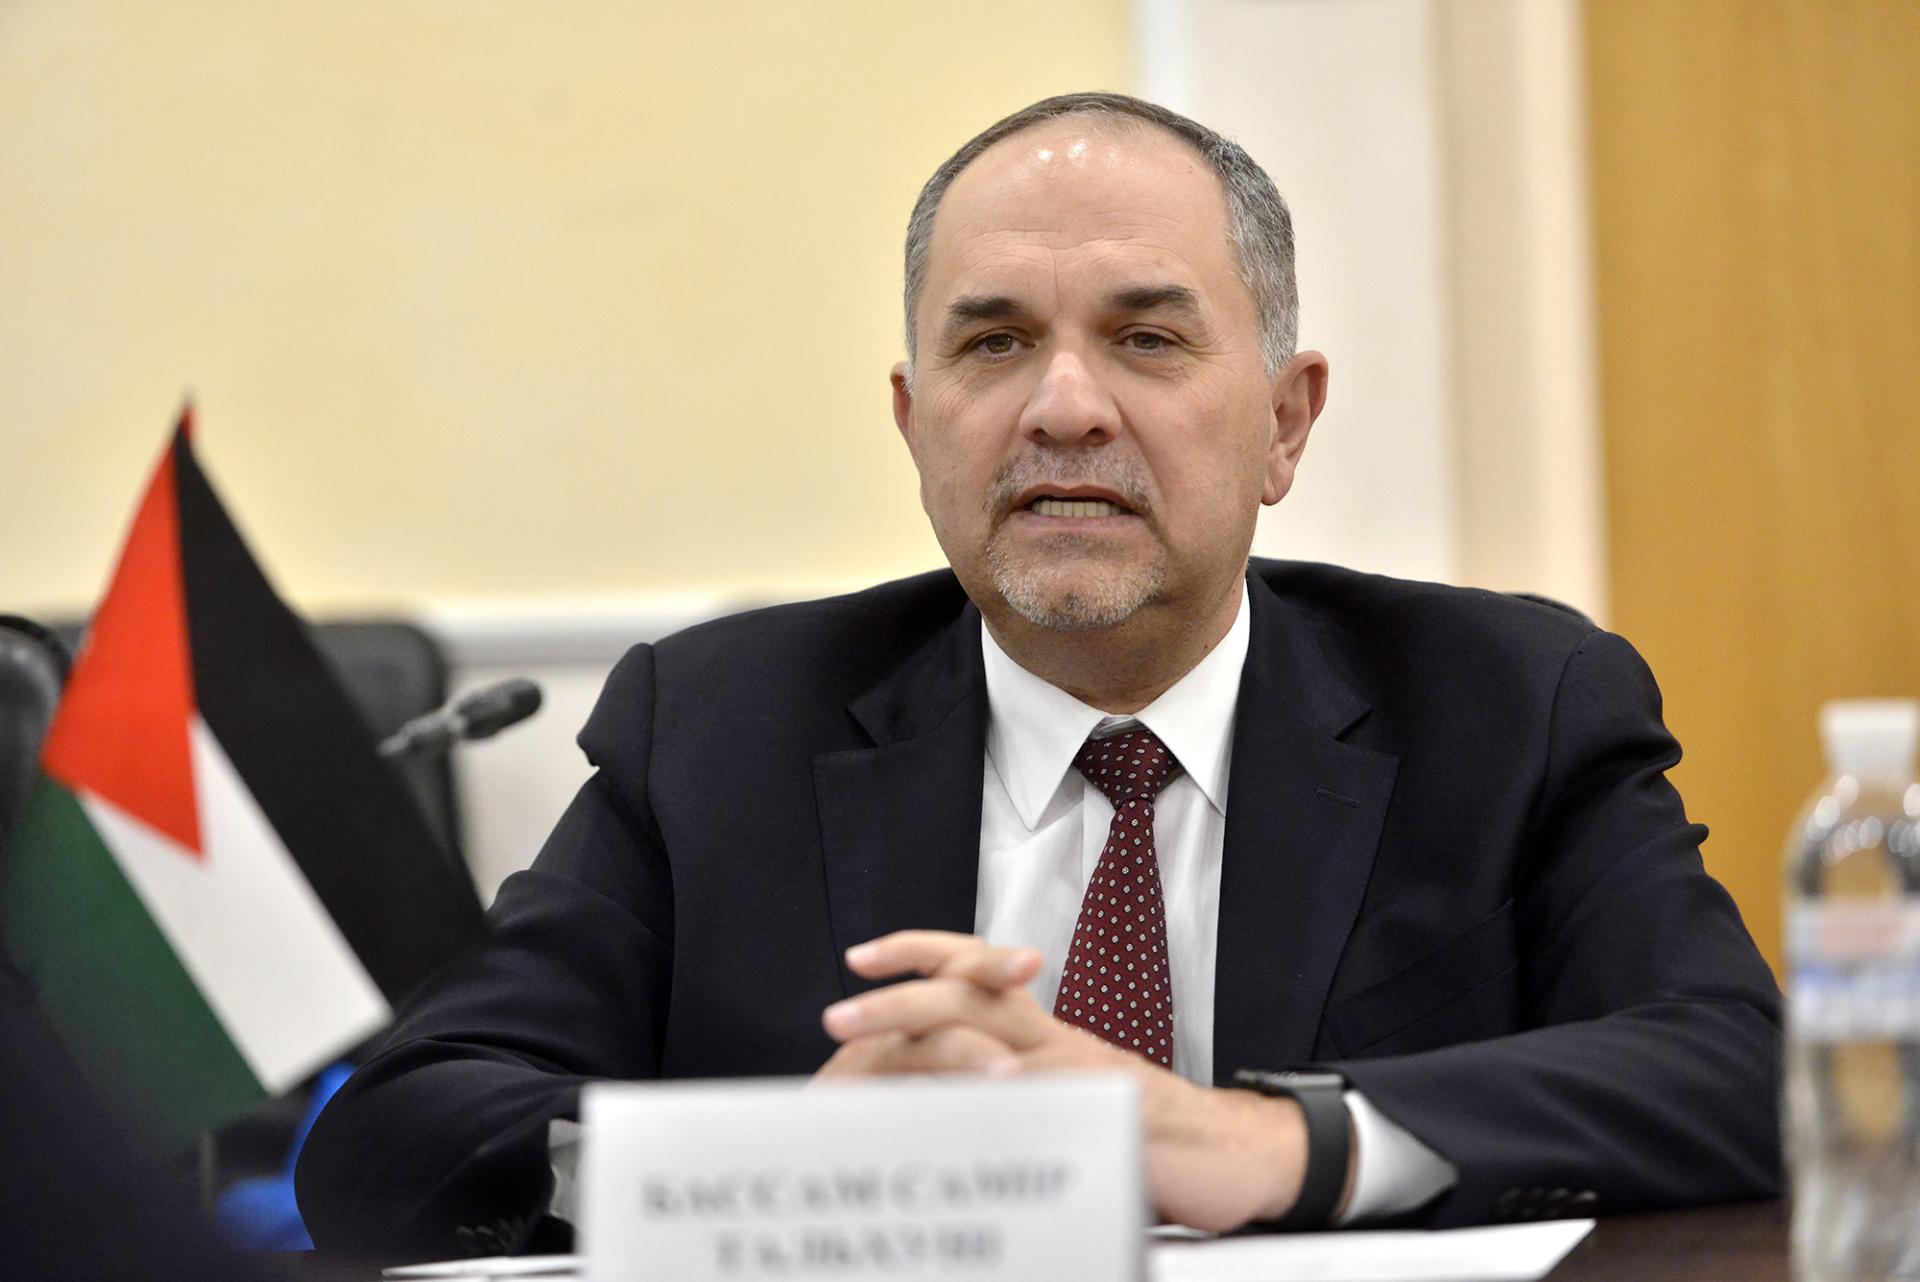 الأردن و فرنسا يبحثان سبل دعم التعاون المشترك فى المجالات القانونية